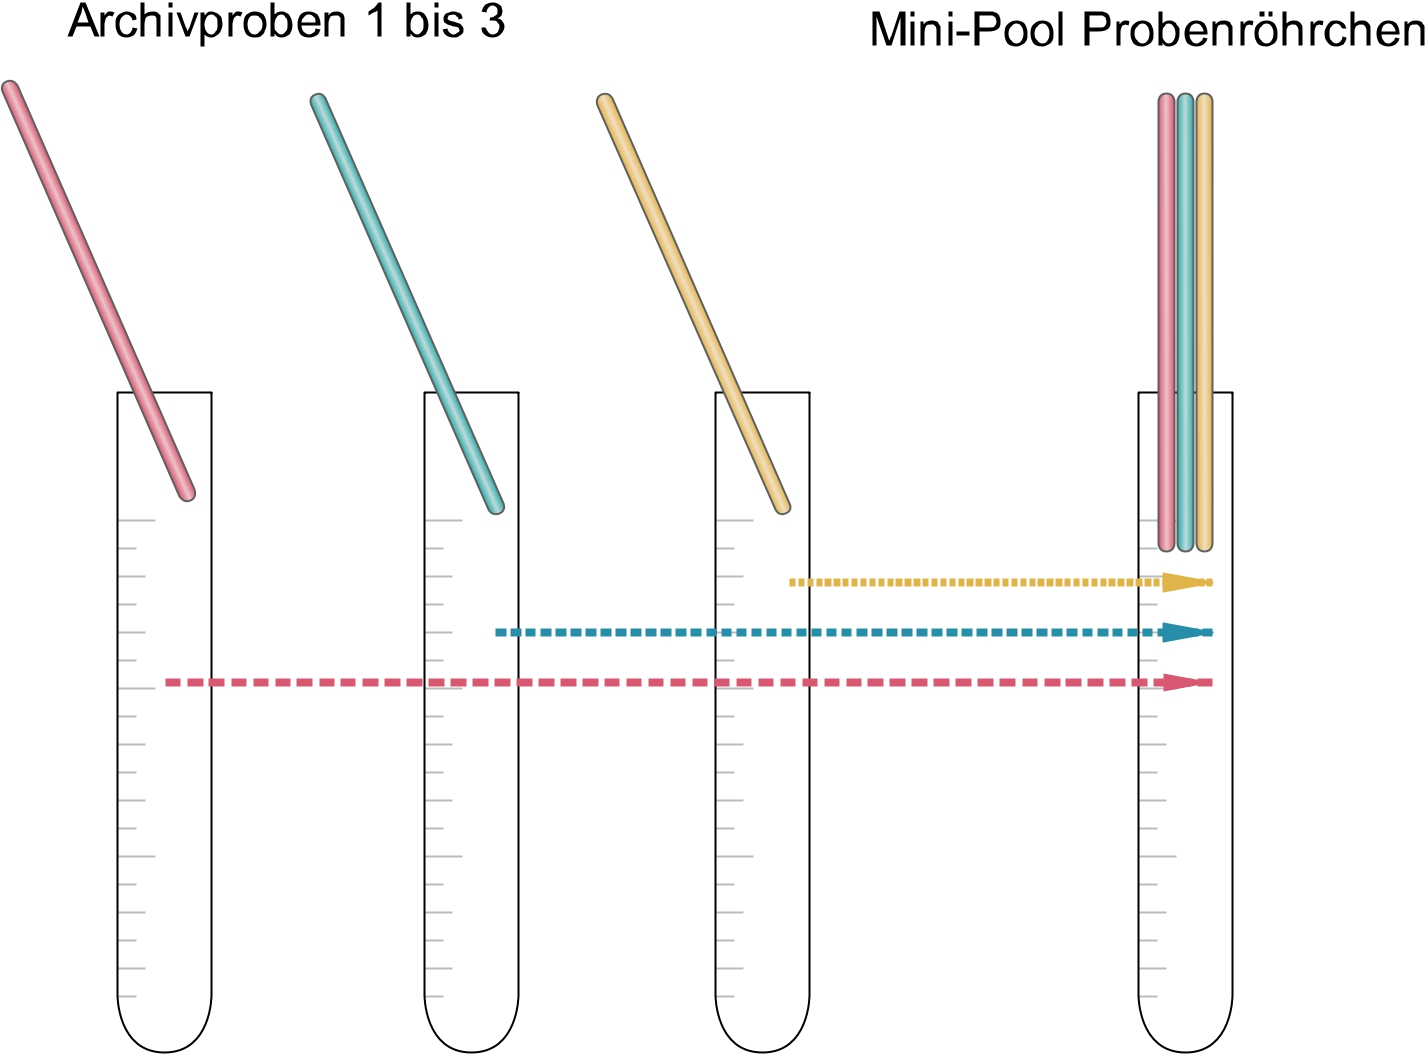 Schema PCR Corona Pooltest